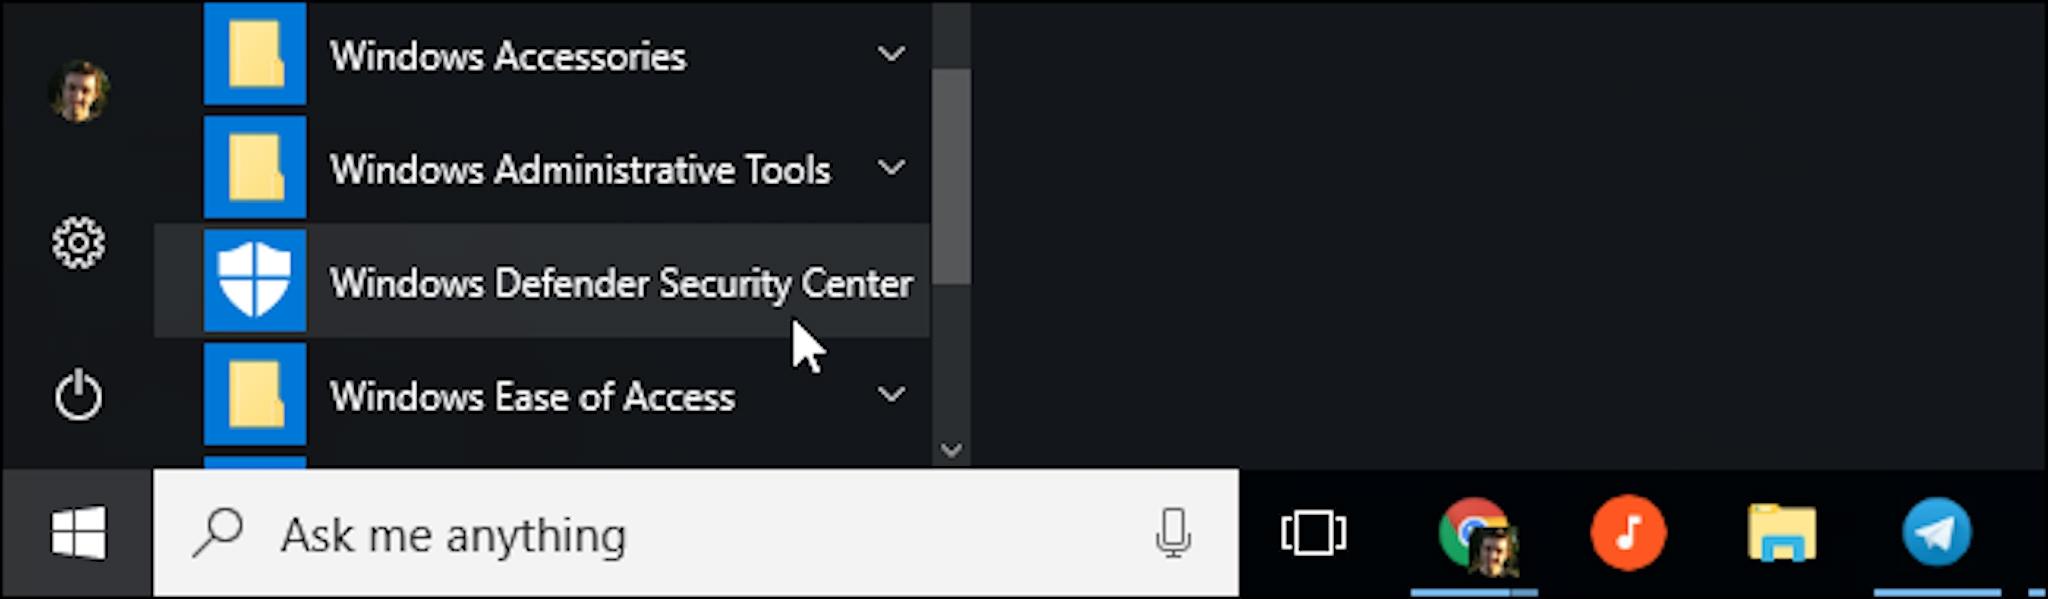 Hướng dẫn xóa tất cả các phần mềm trên Windows 10 - Fresh Start Khởi động Windows một cách sạch sẽ